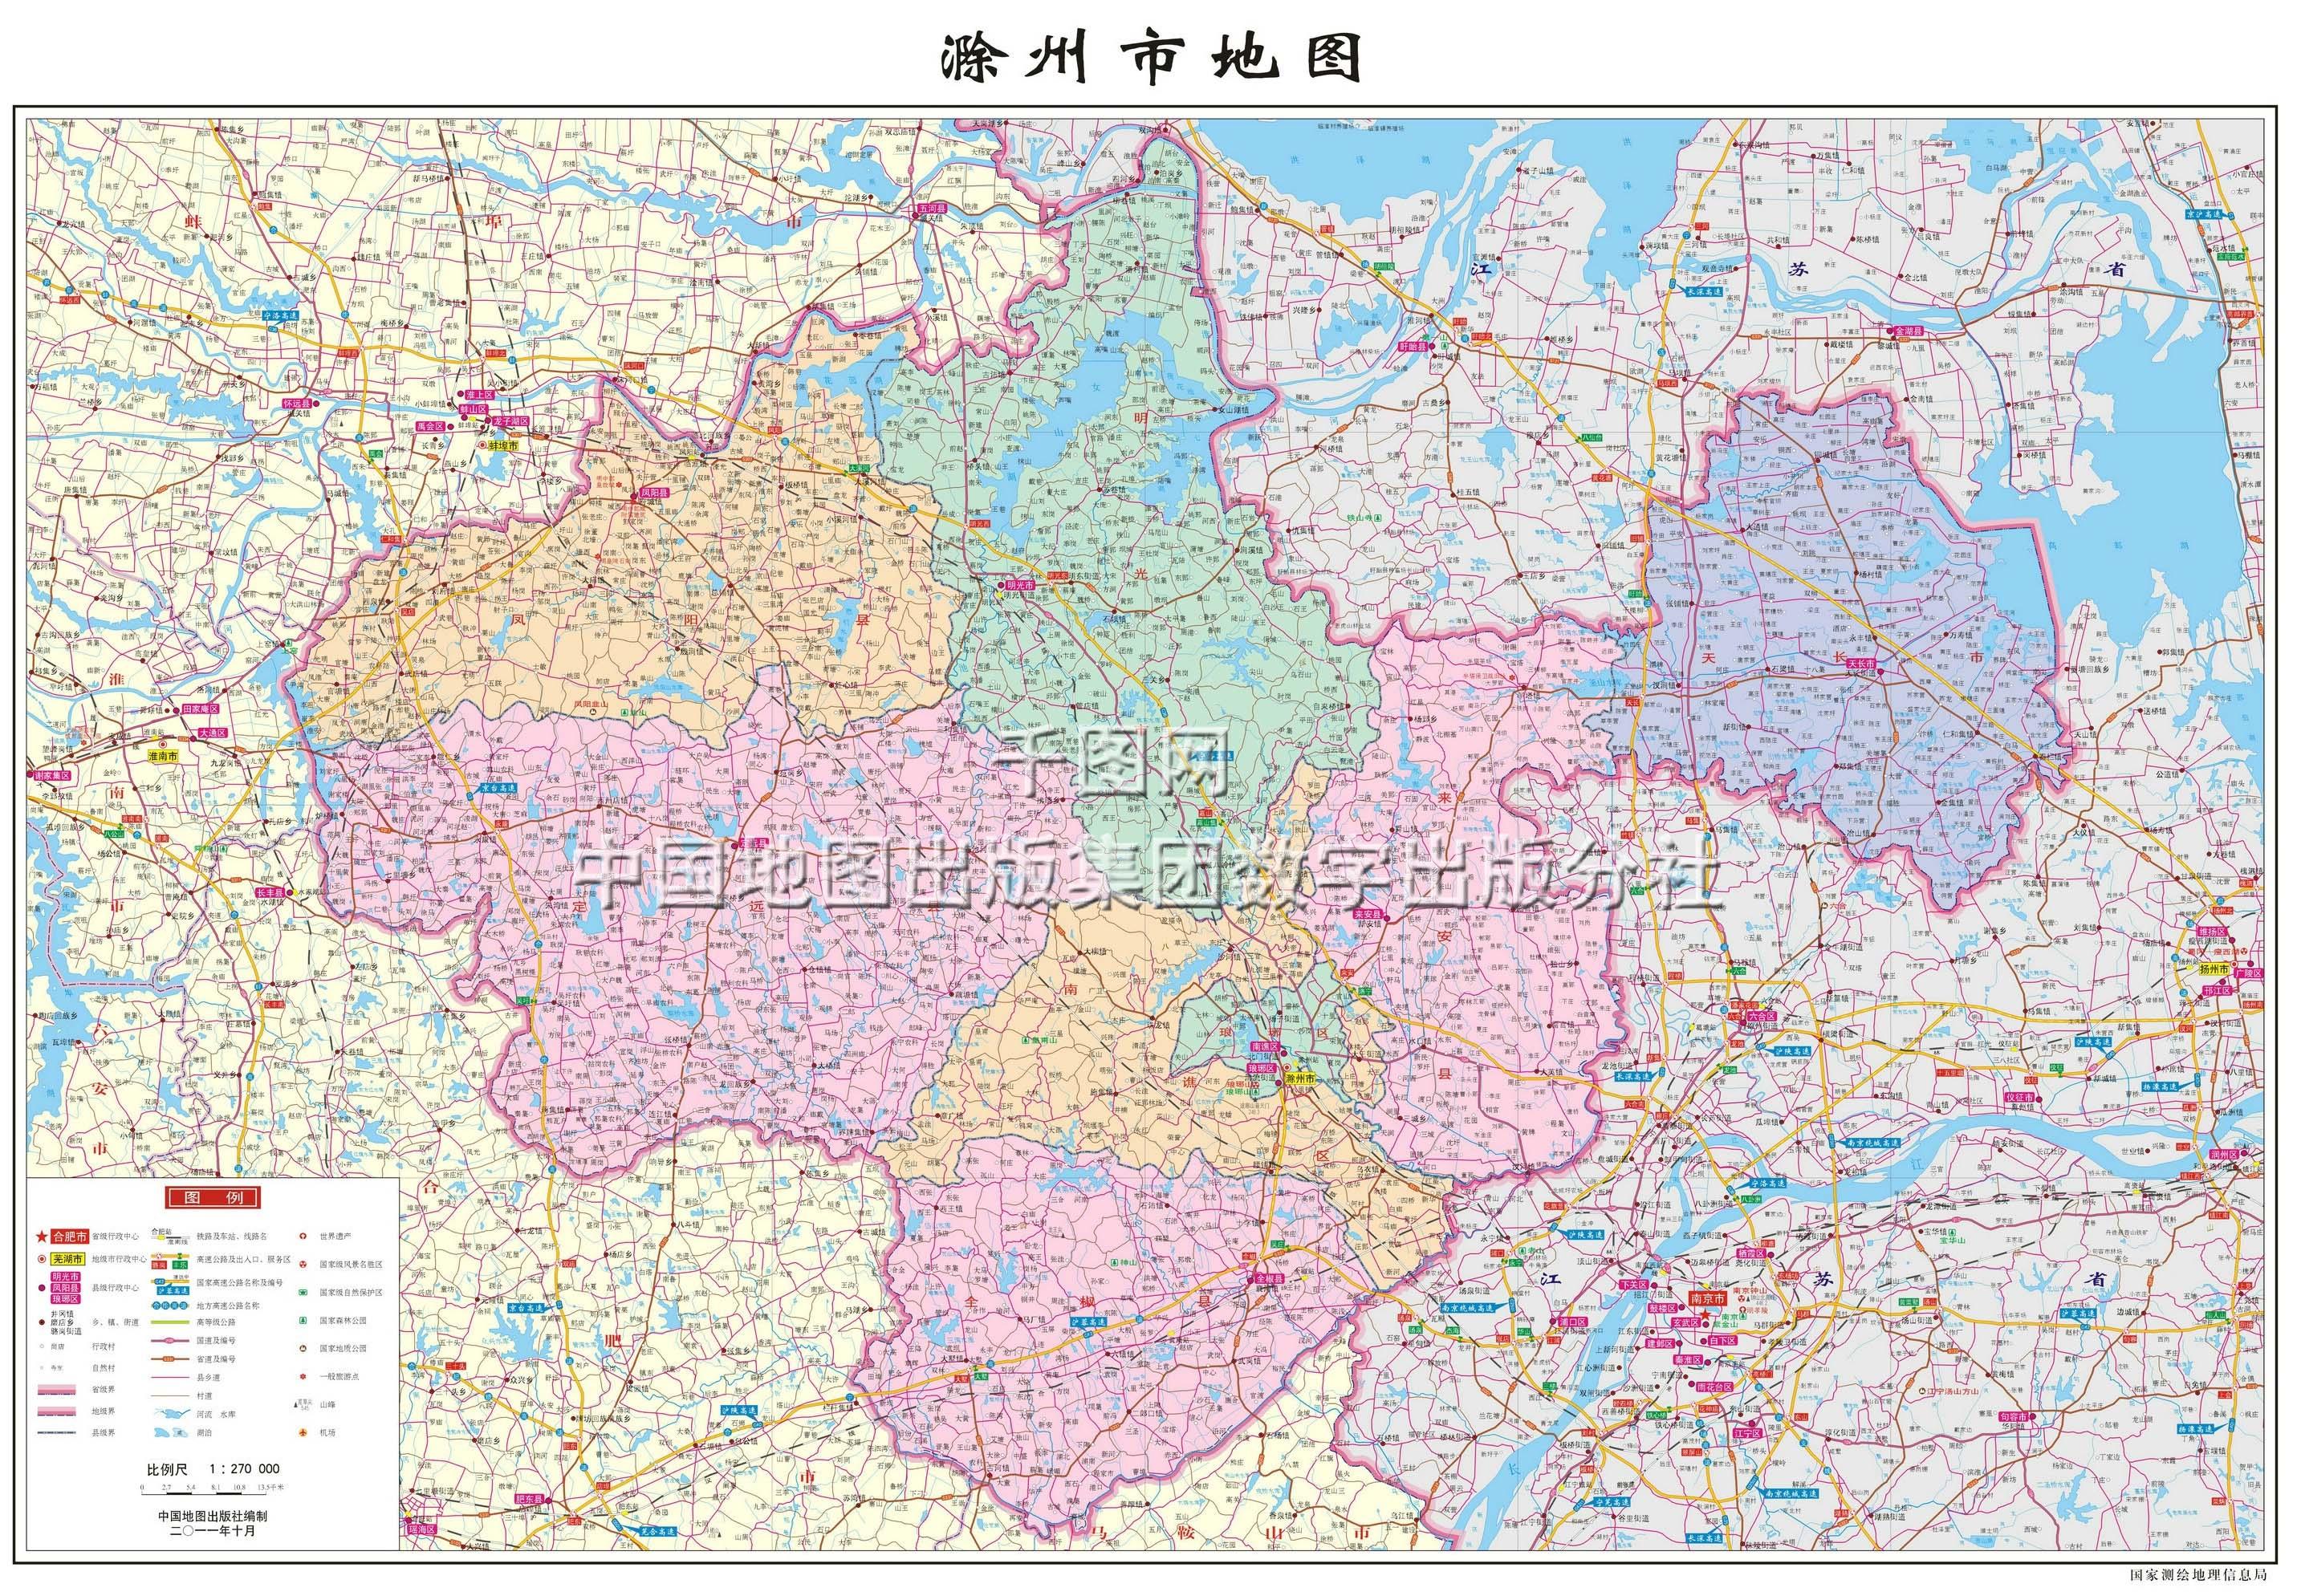 滁州市地图高清版